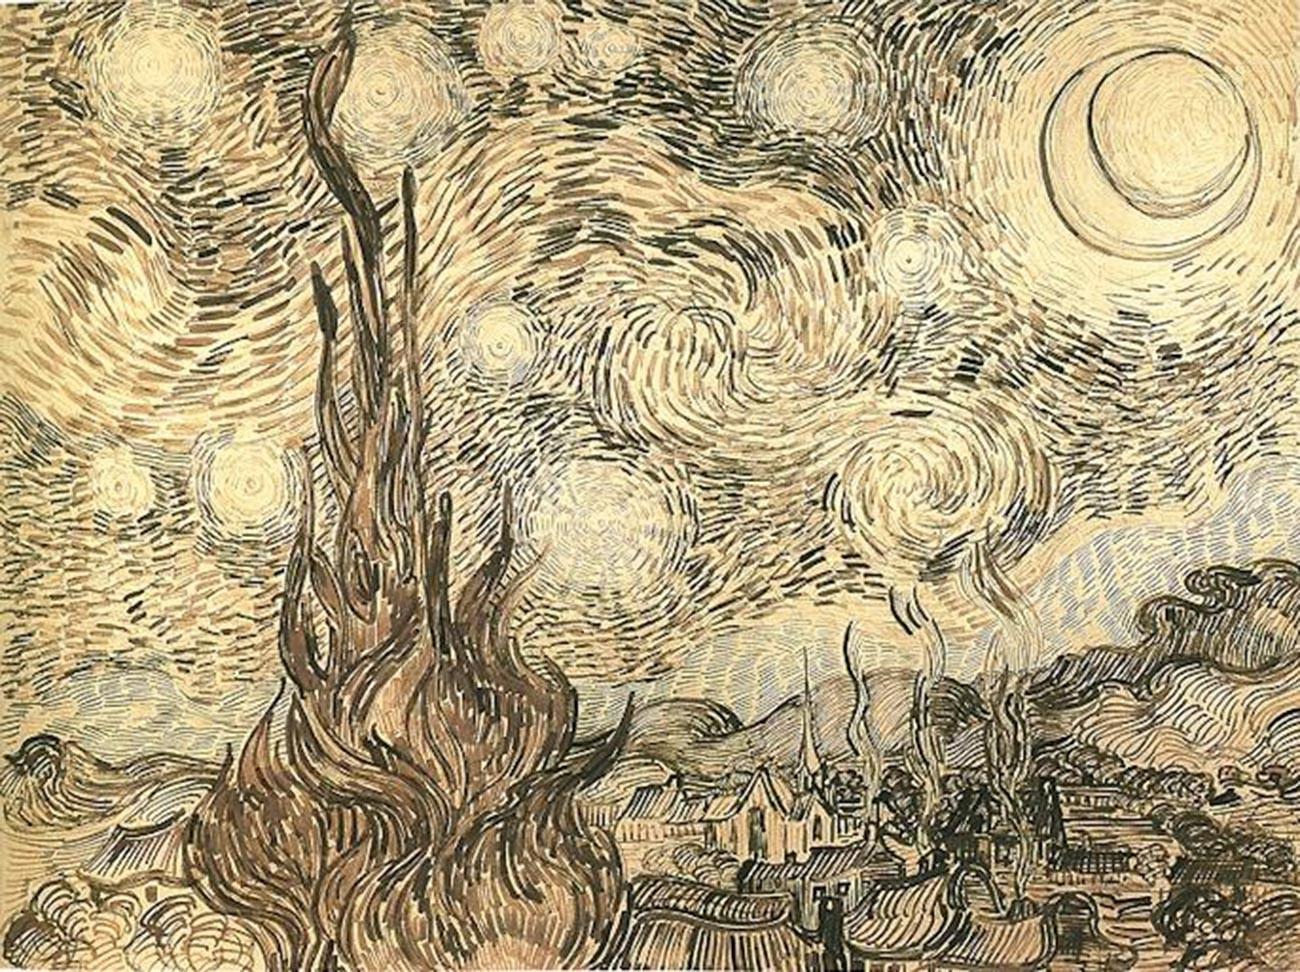 Die Sternennacht von Vincent van Gogh (Zeichnung)